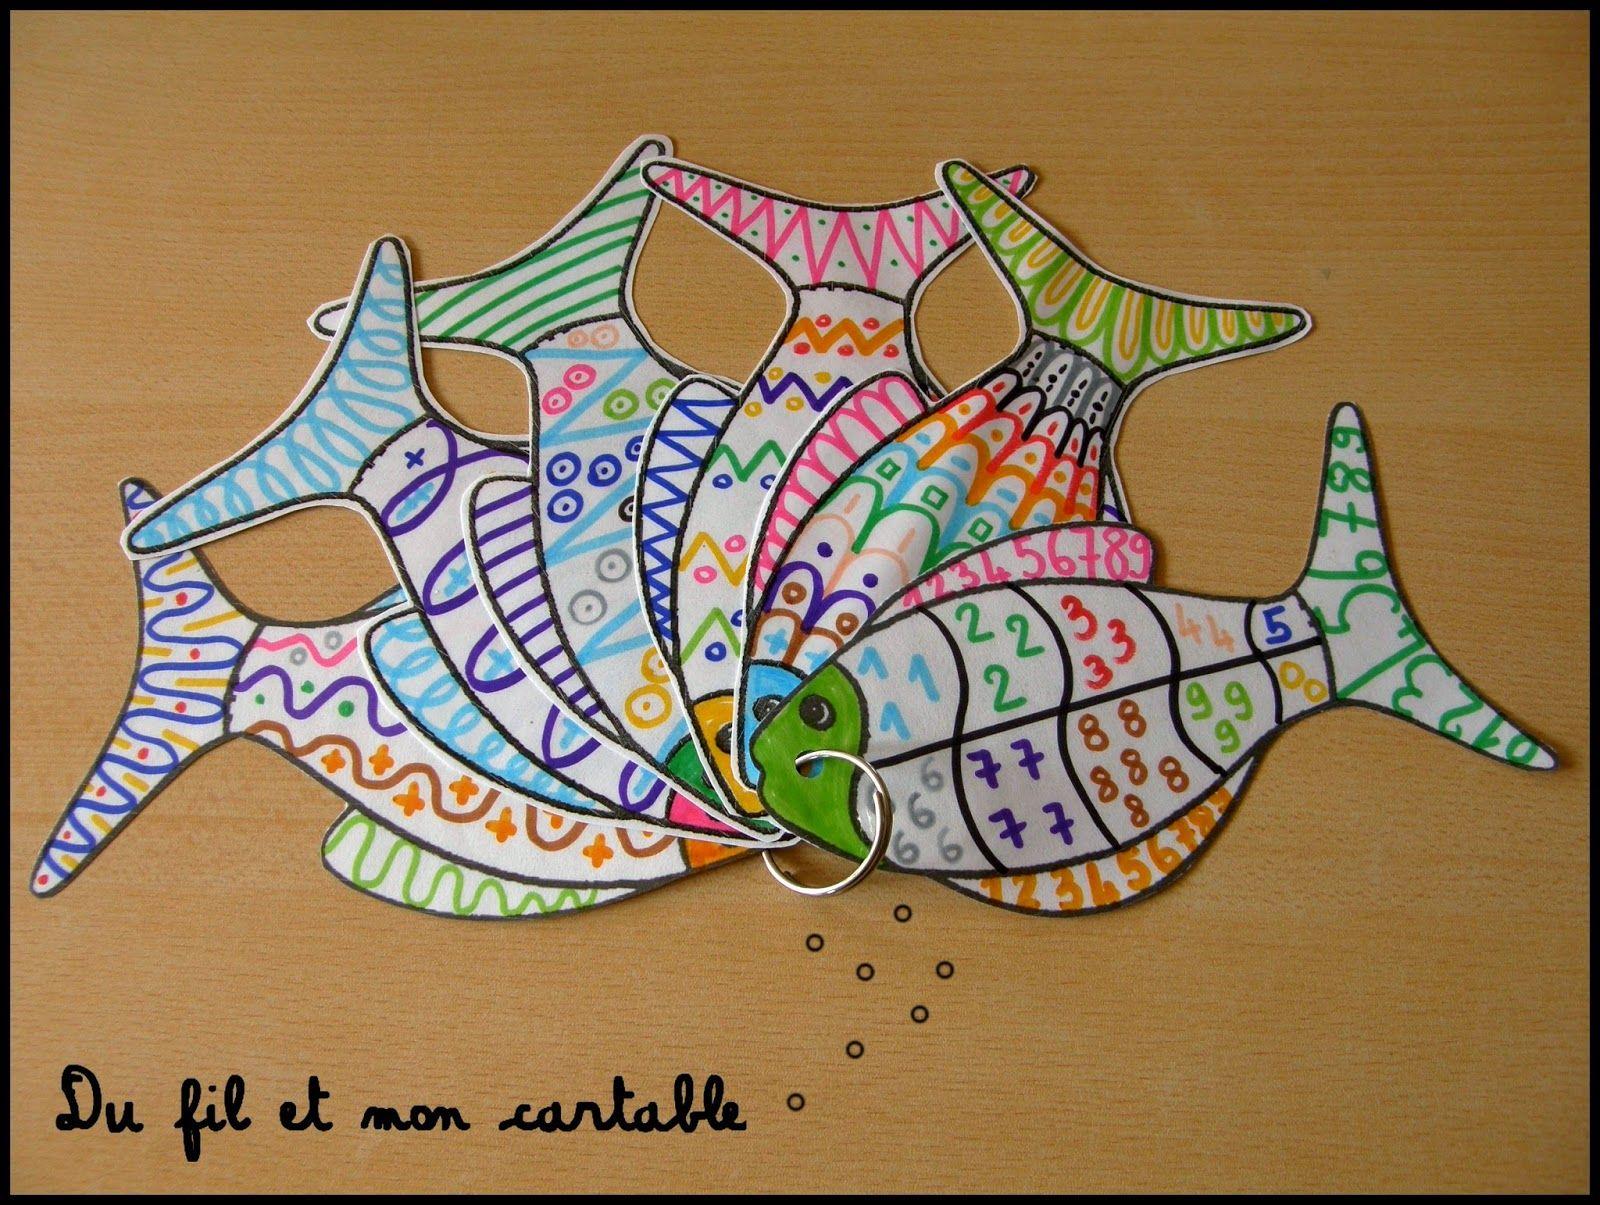 Du fil et mon cartable coin graphisme maternelle poisson e lenceli ders etkinlikleri pre - Poisson avril maternelle ...